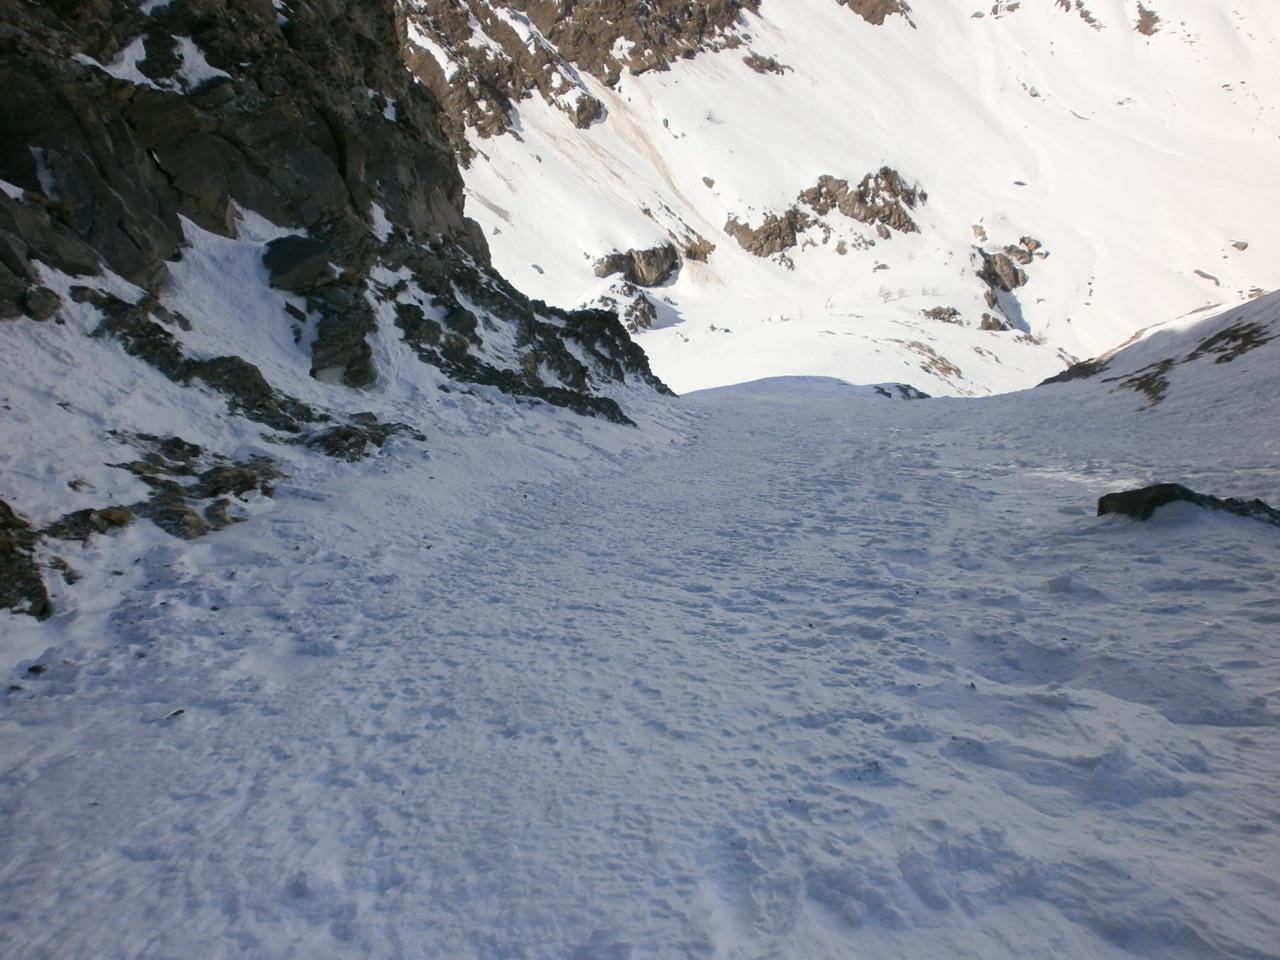 tratto nel canale basso con neve gelata e pietrisco